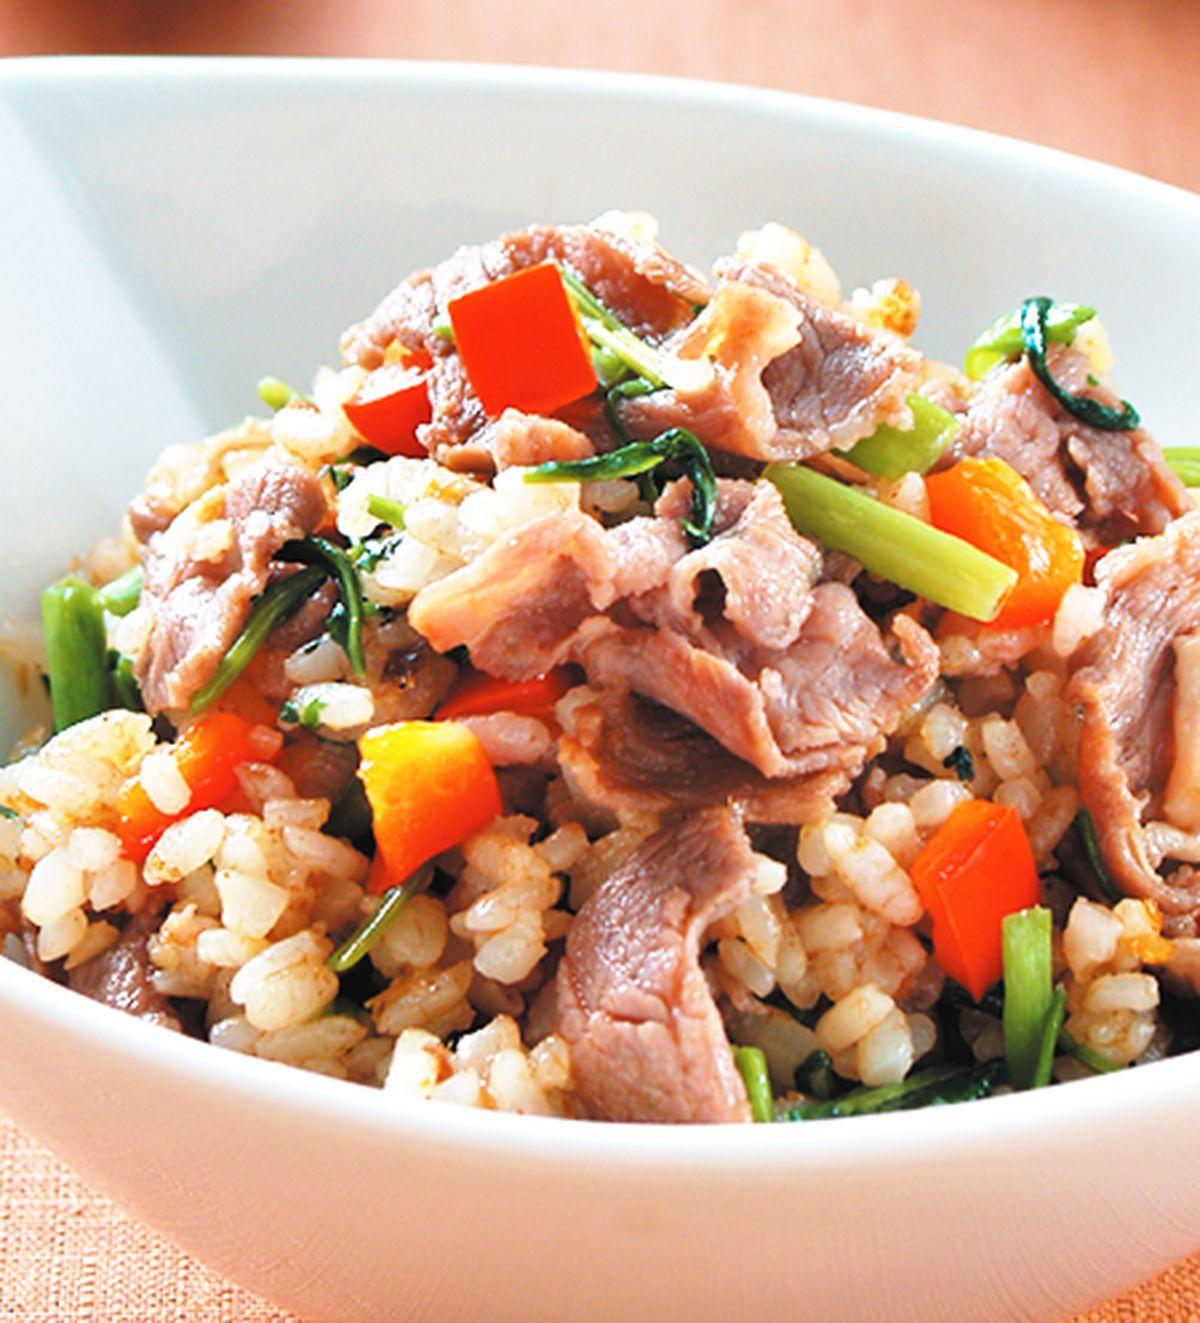 食譜:沙茶羊肉炒飯